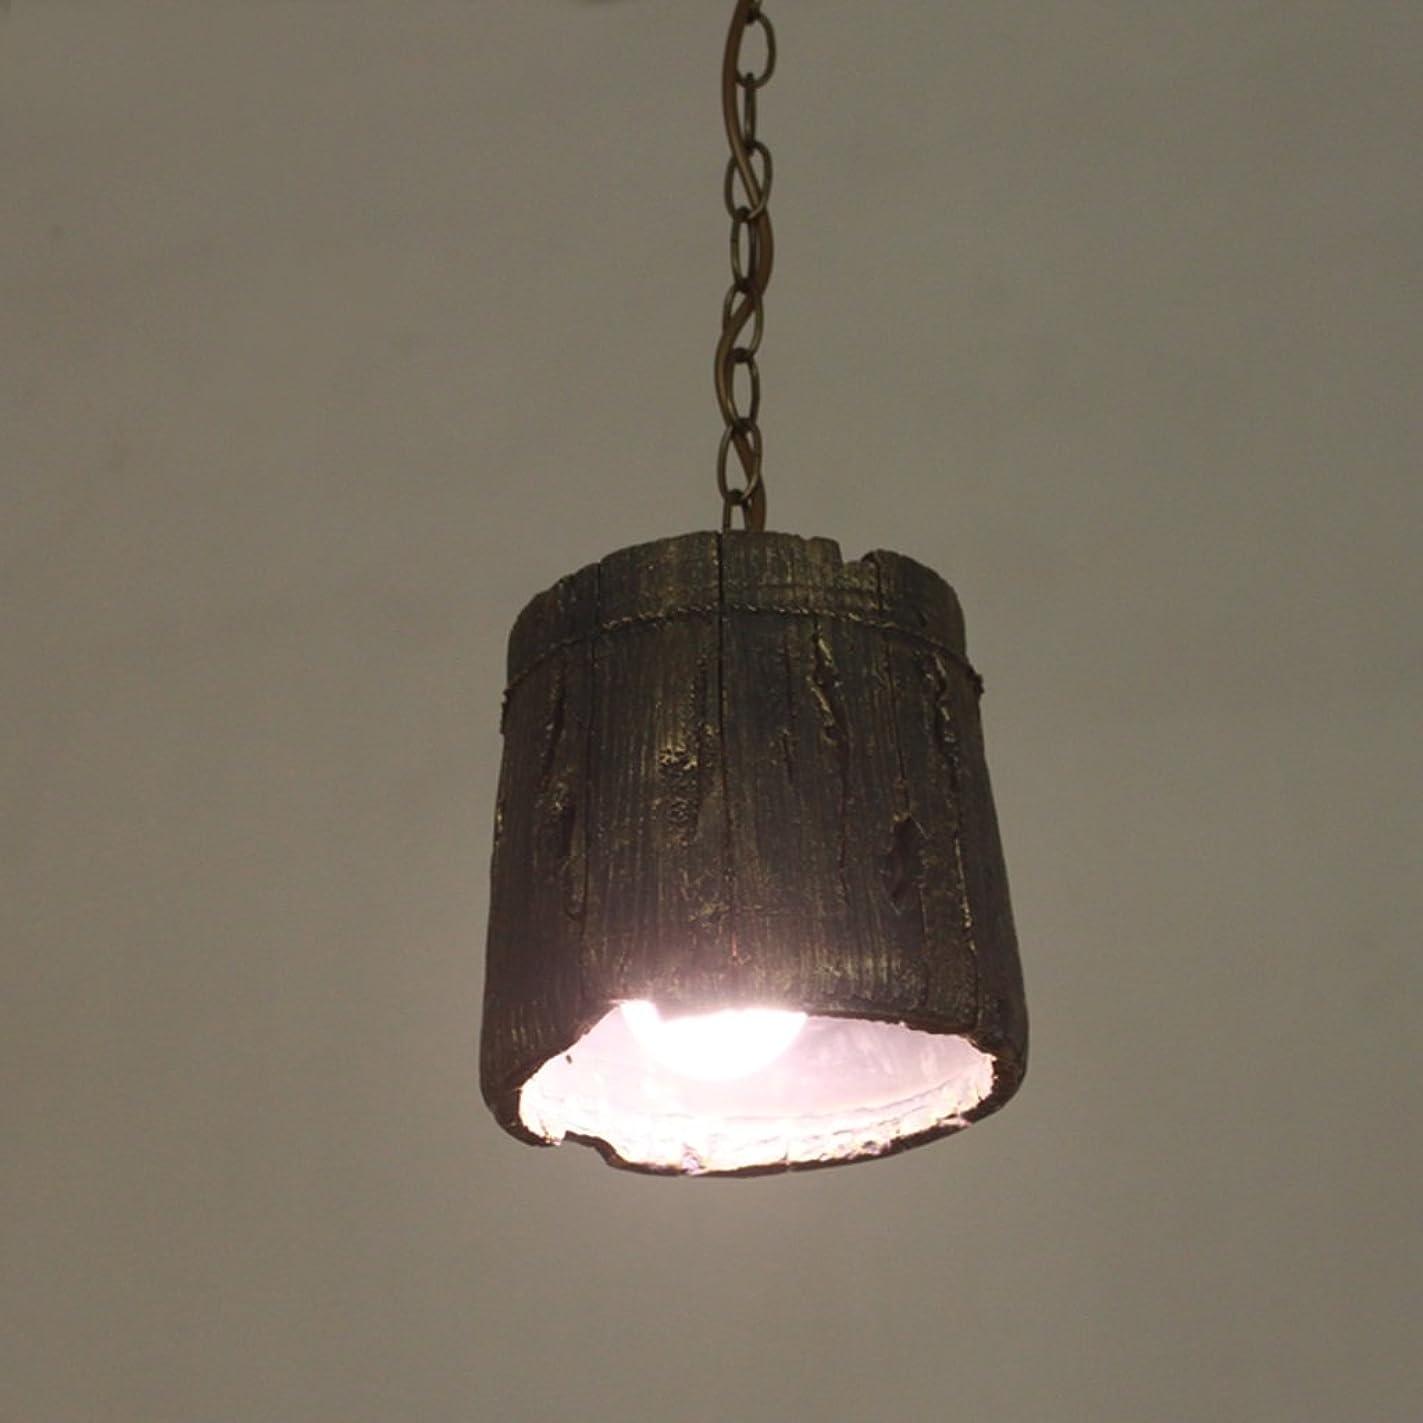 パーセント髄ストライクYSYYSH レトロな人格クリエイティブシングルヘッド樹脂シャンデリアバーバルコニーシャンデリアリビングエリアに最適 寝室の装飾ライト